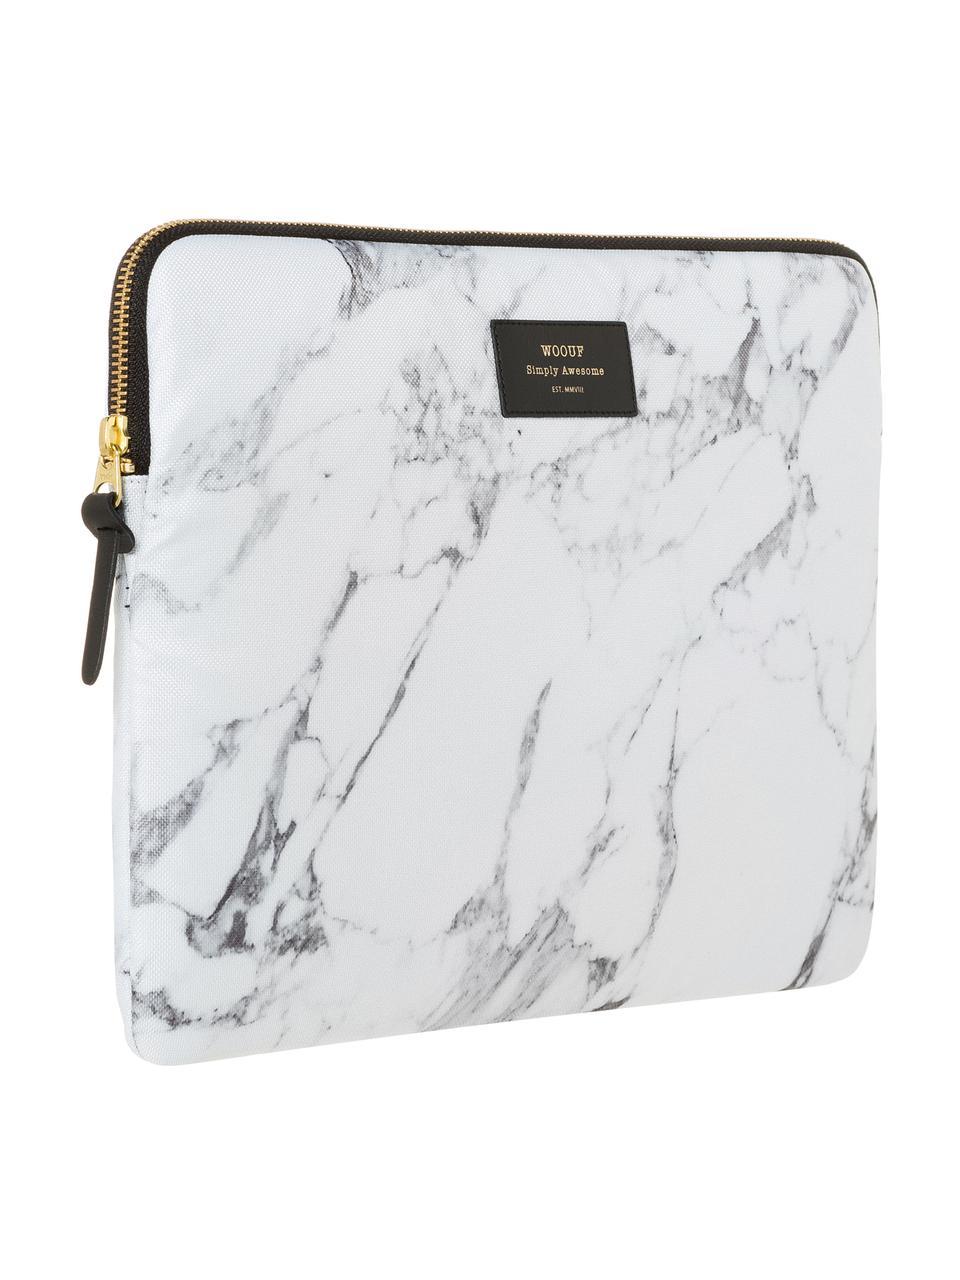 Custodia per MacBook Pro 13 pollici White Marble, Laptop case: bianco, marmo<br>Sovrastampa: nero con carattere dorato, Larg. 34 x Alt. 25 cm